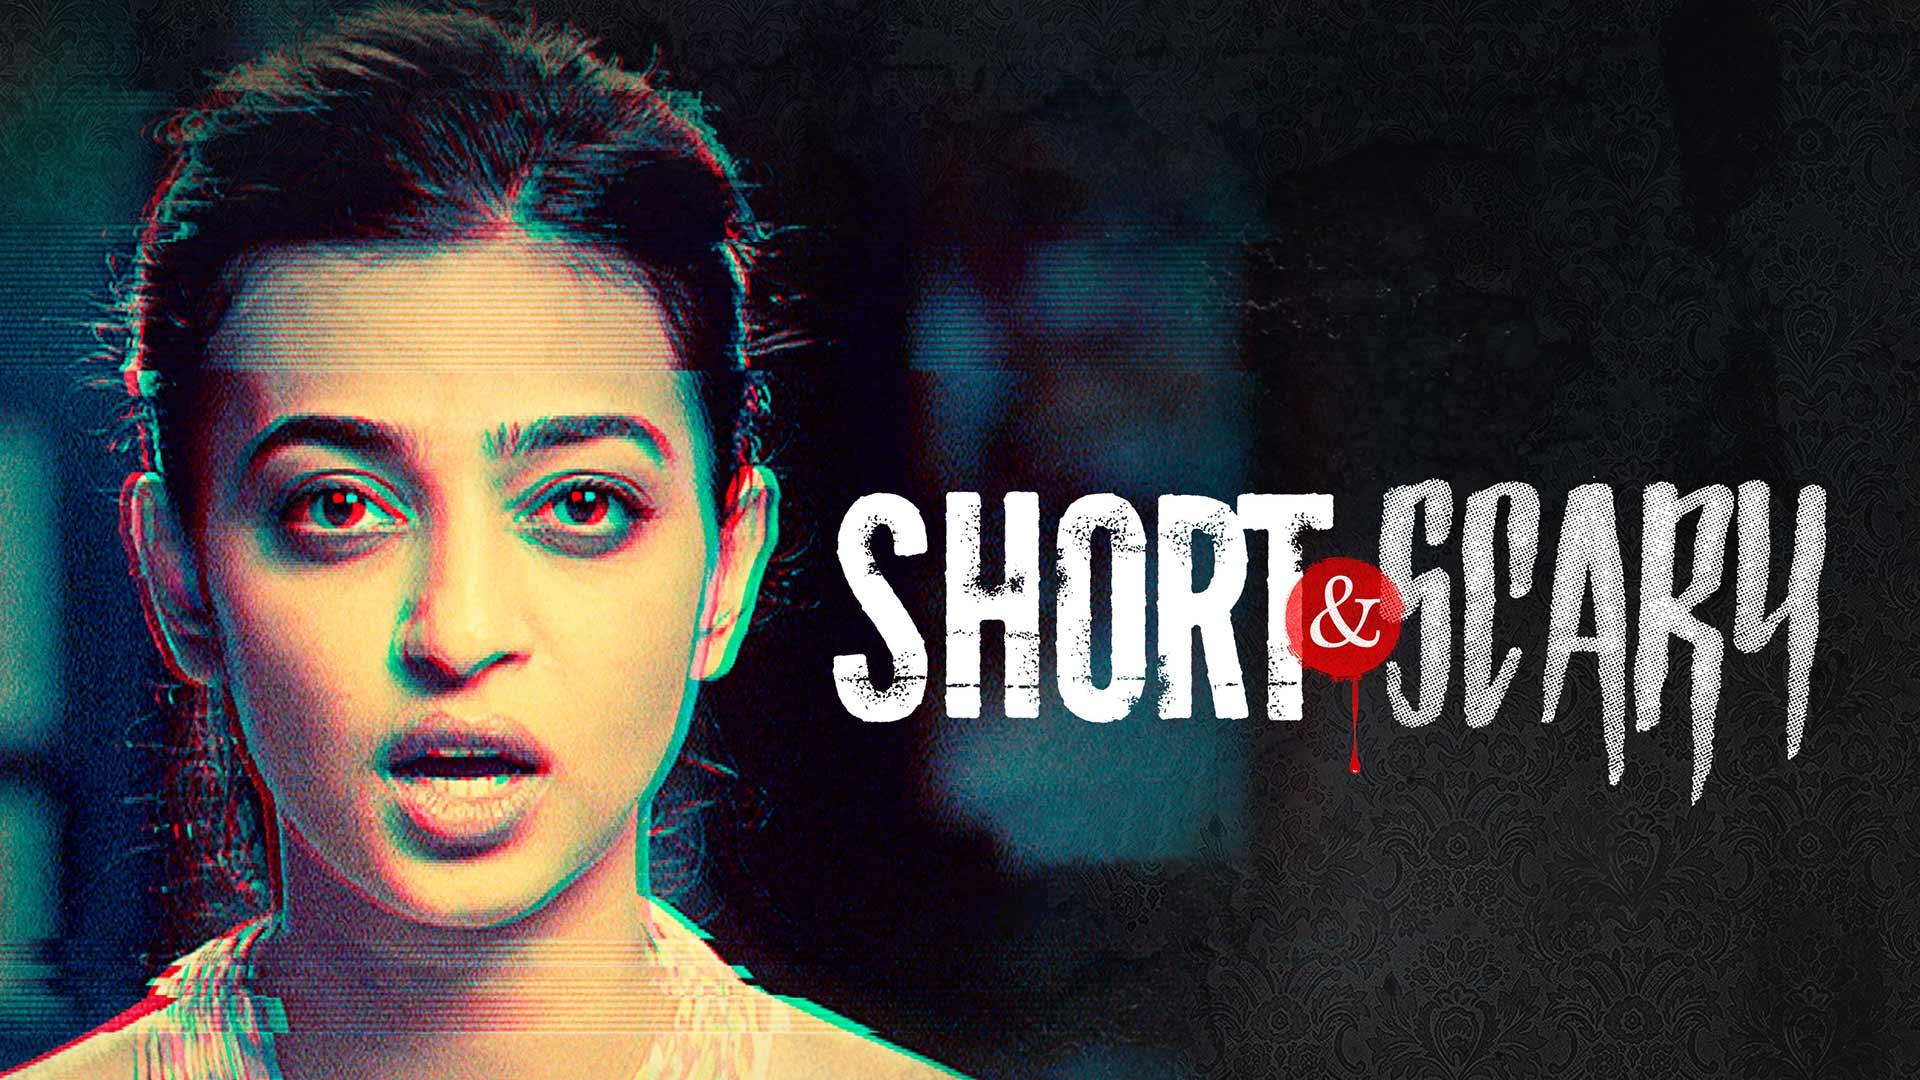 Short & Scary - Season 1